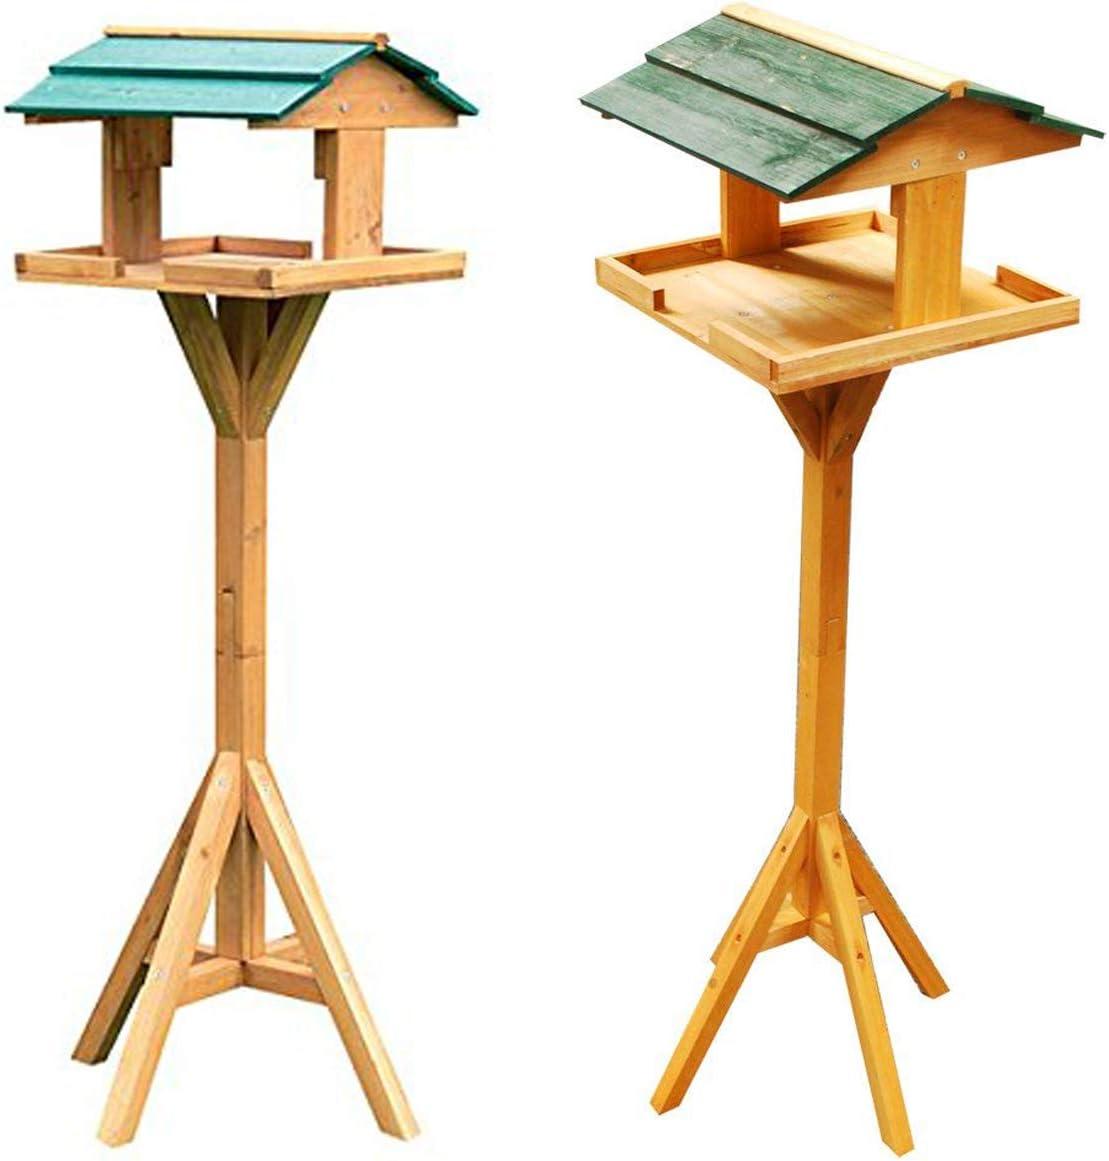 TABLE MAISON EN BOIS MASSIF MANGEOIRE EN BOIS POUR OISEAU ROOF